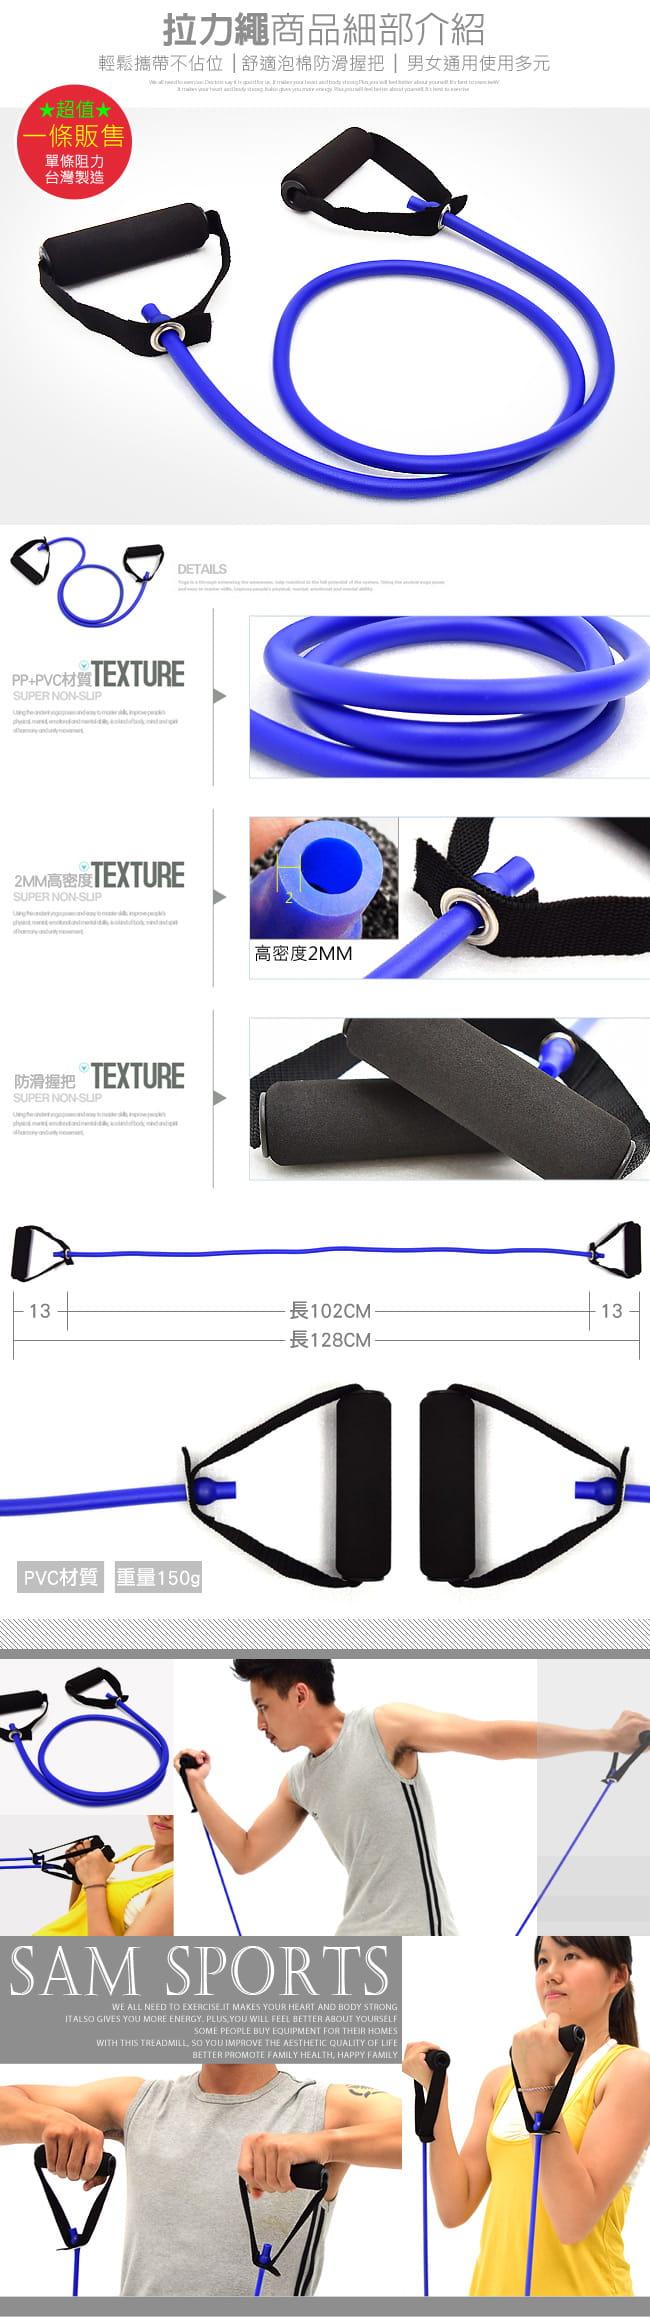 台灣製造!!單管拉力繩(單入)   彈力繩拉力器 9